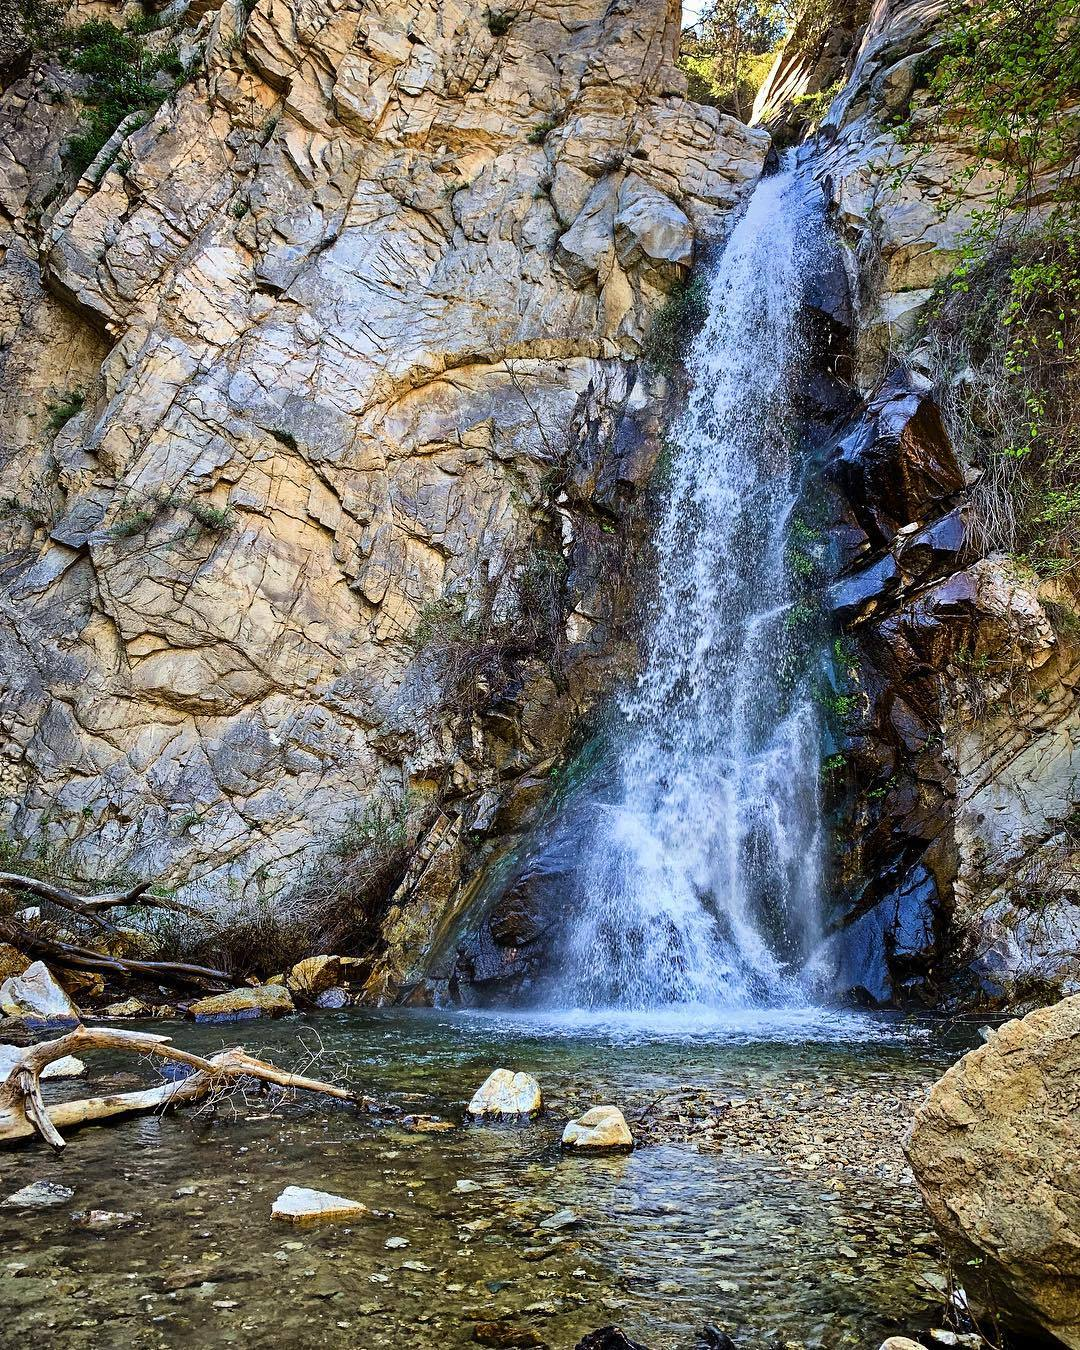 Sturtevant Falls in Arcadia